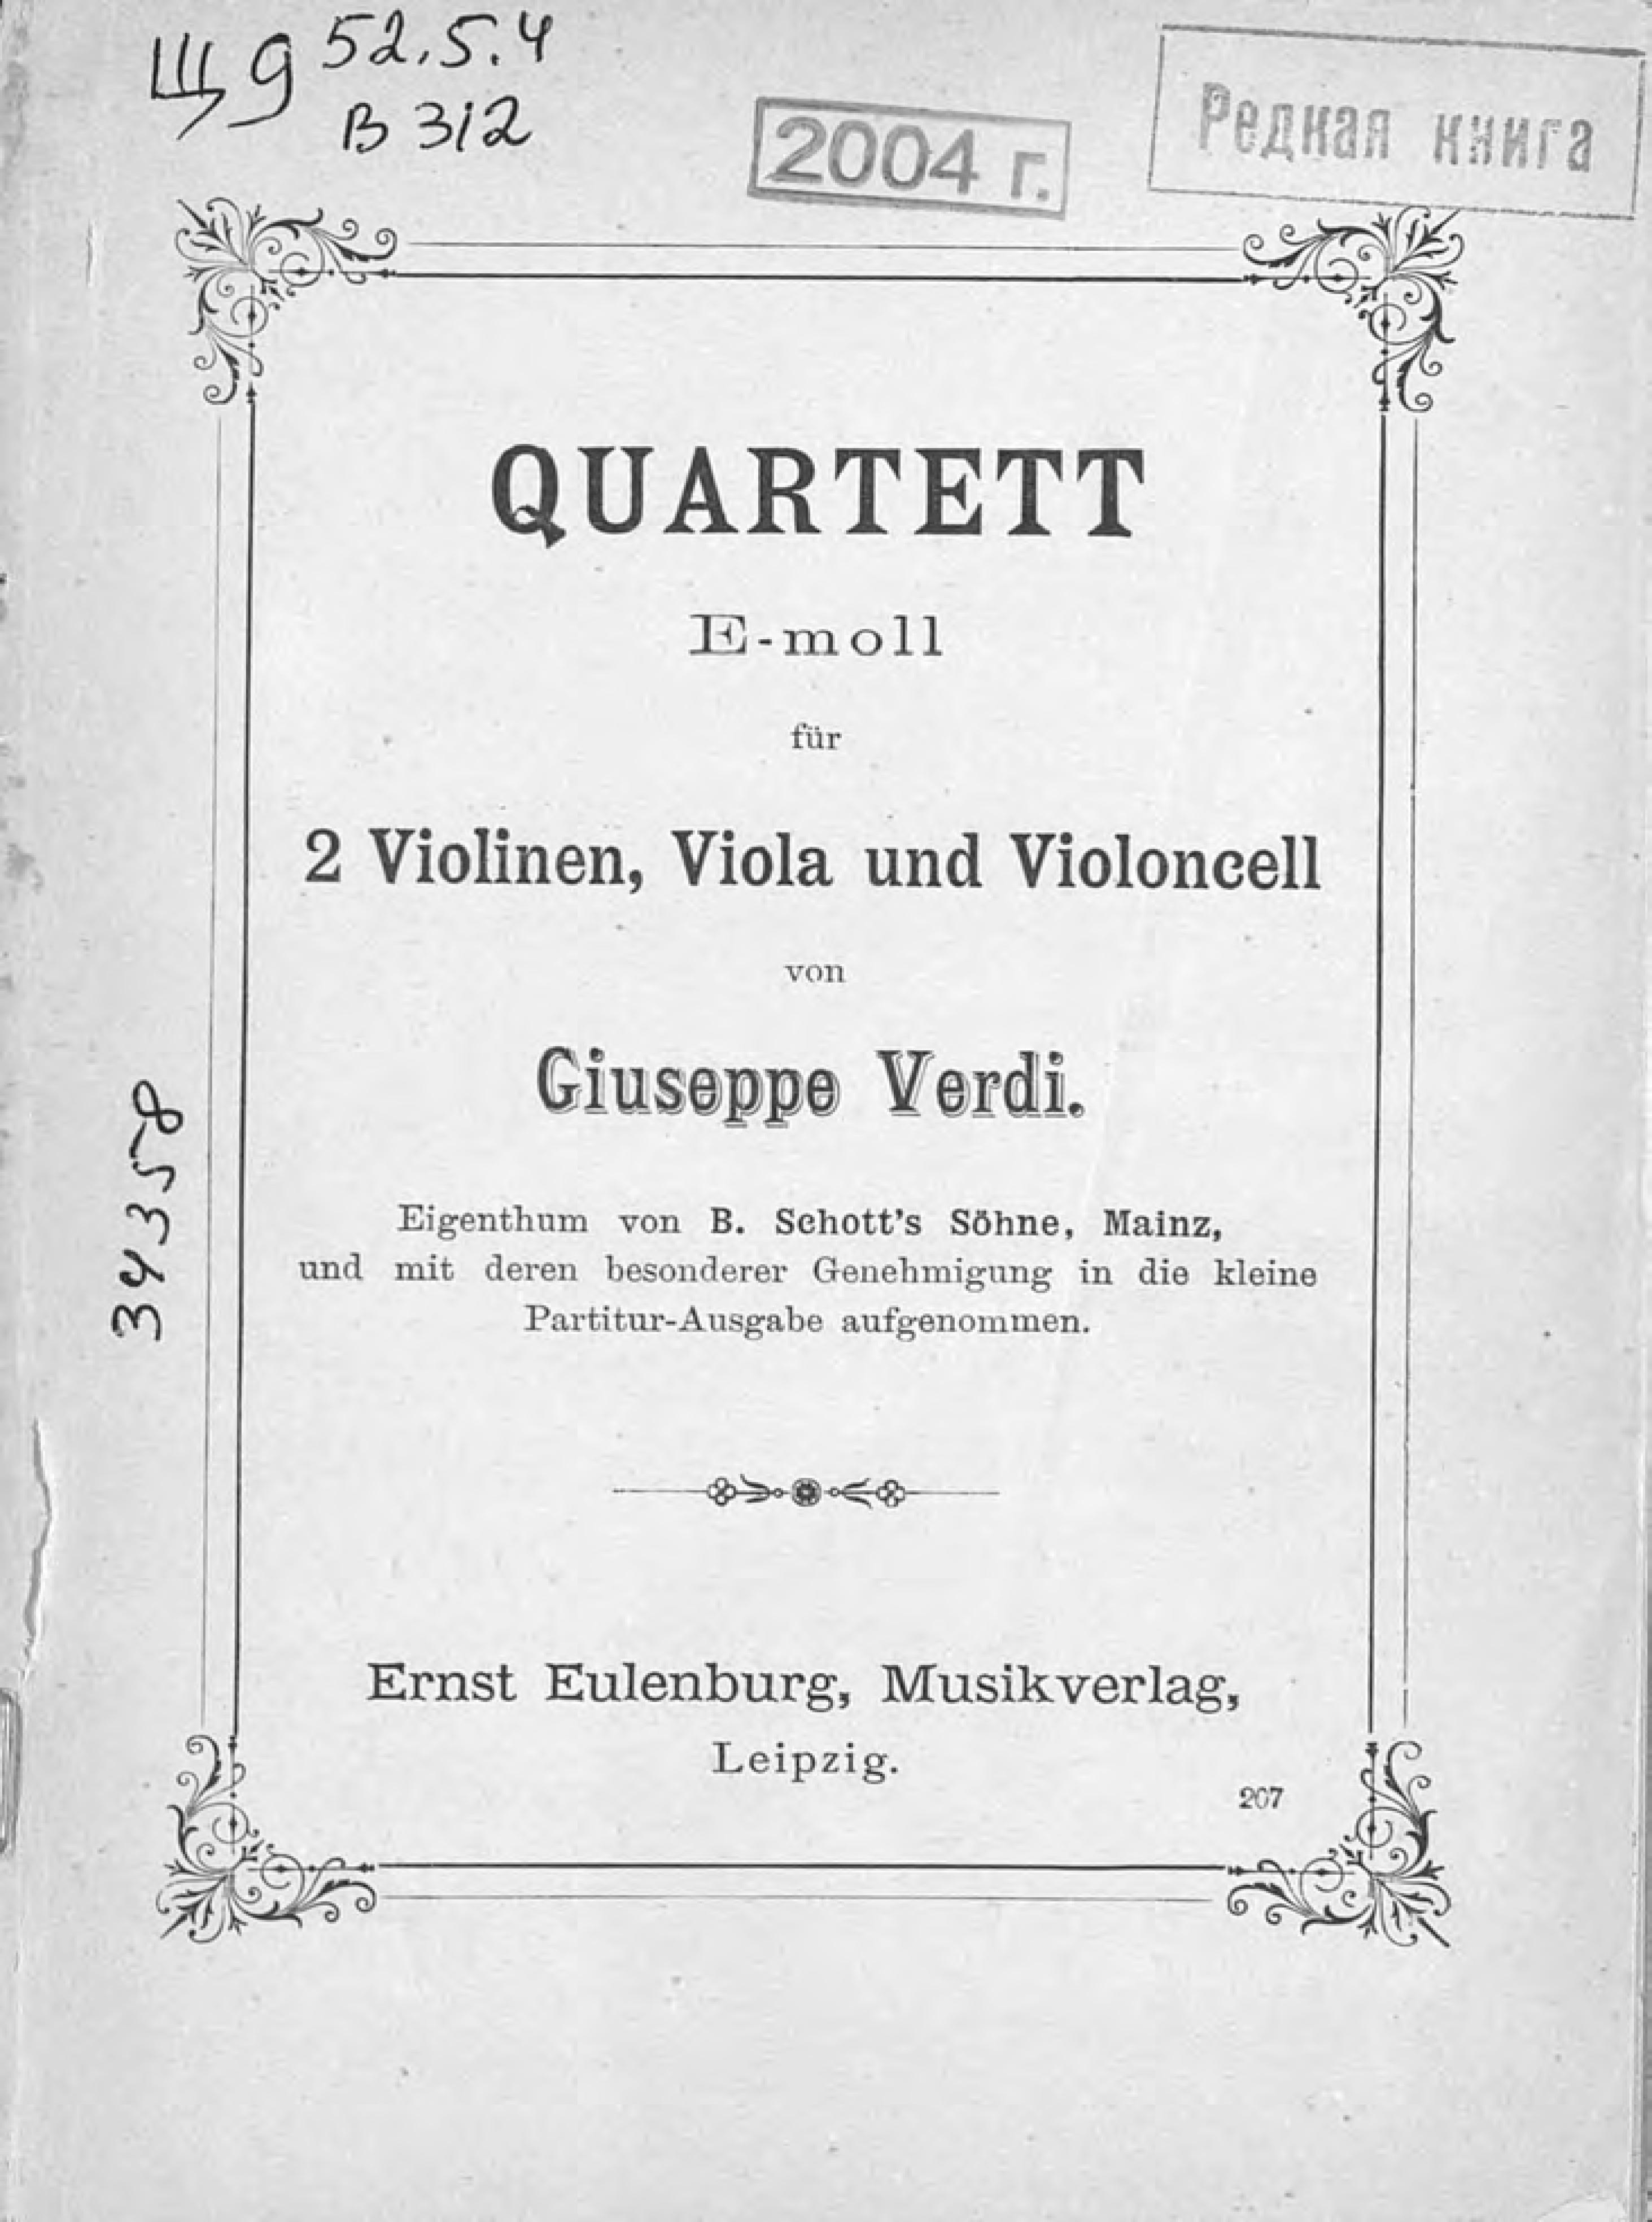 Джузеппе Верди Quartett fur 2 Violinen, Viola und Violoncell v. G. Verdi. E-moll dreher schweizerische gesellschaft fur gynakologi e und geburtshilfe – societe suisse etc